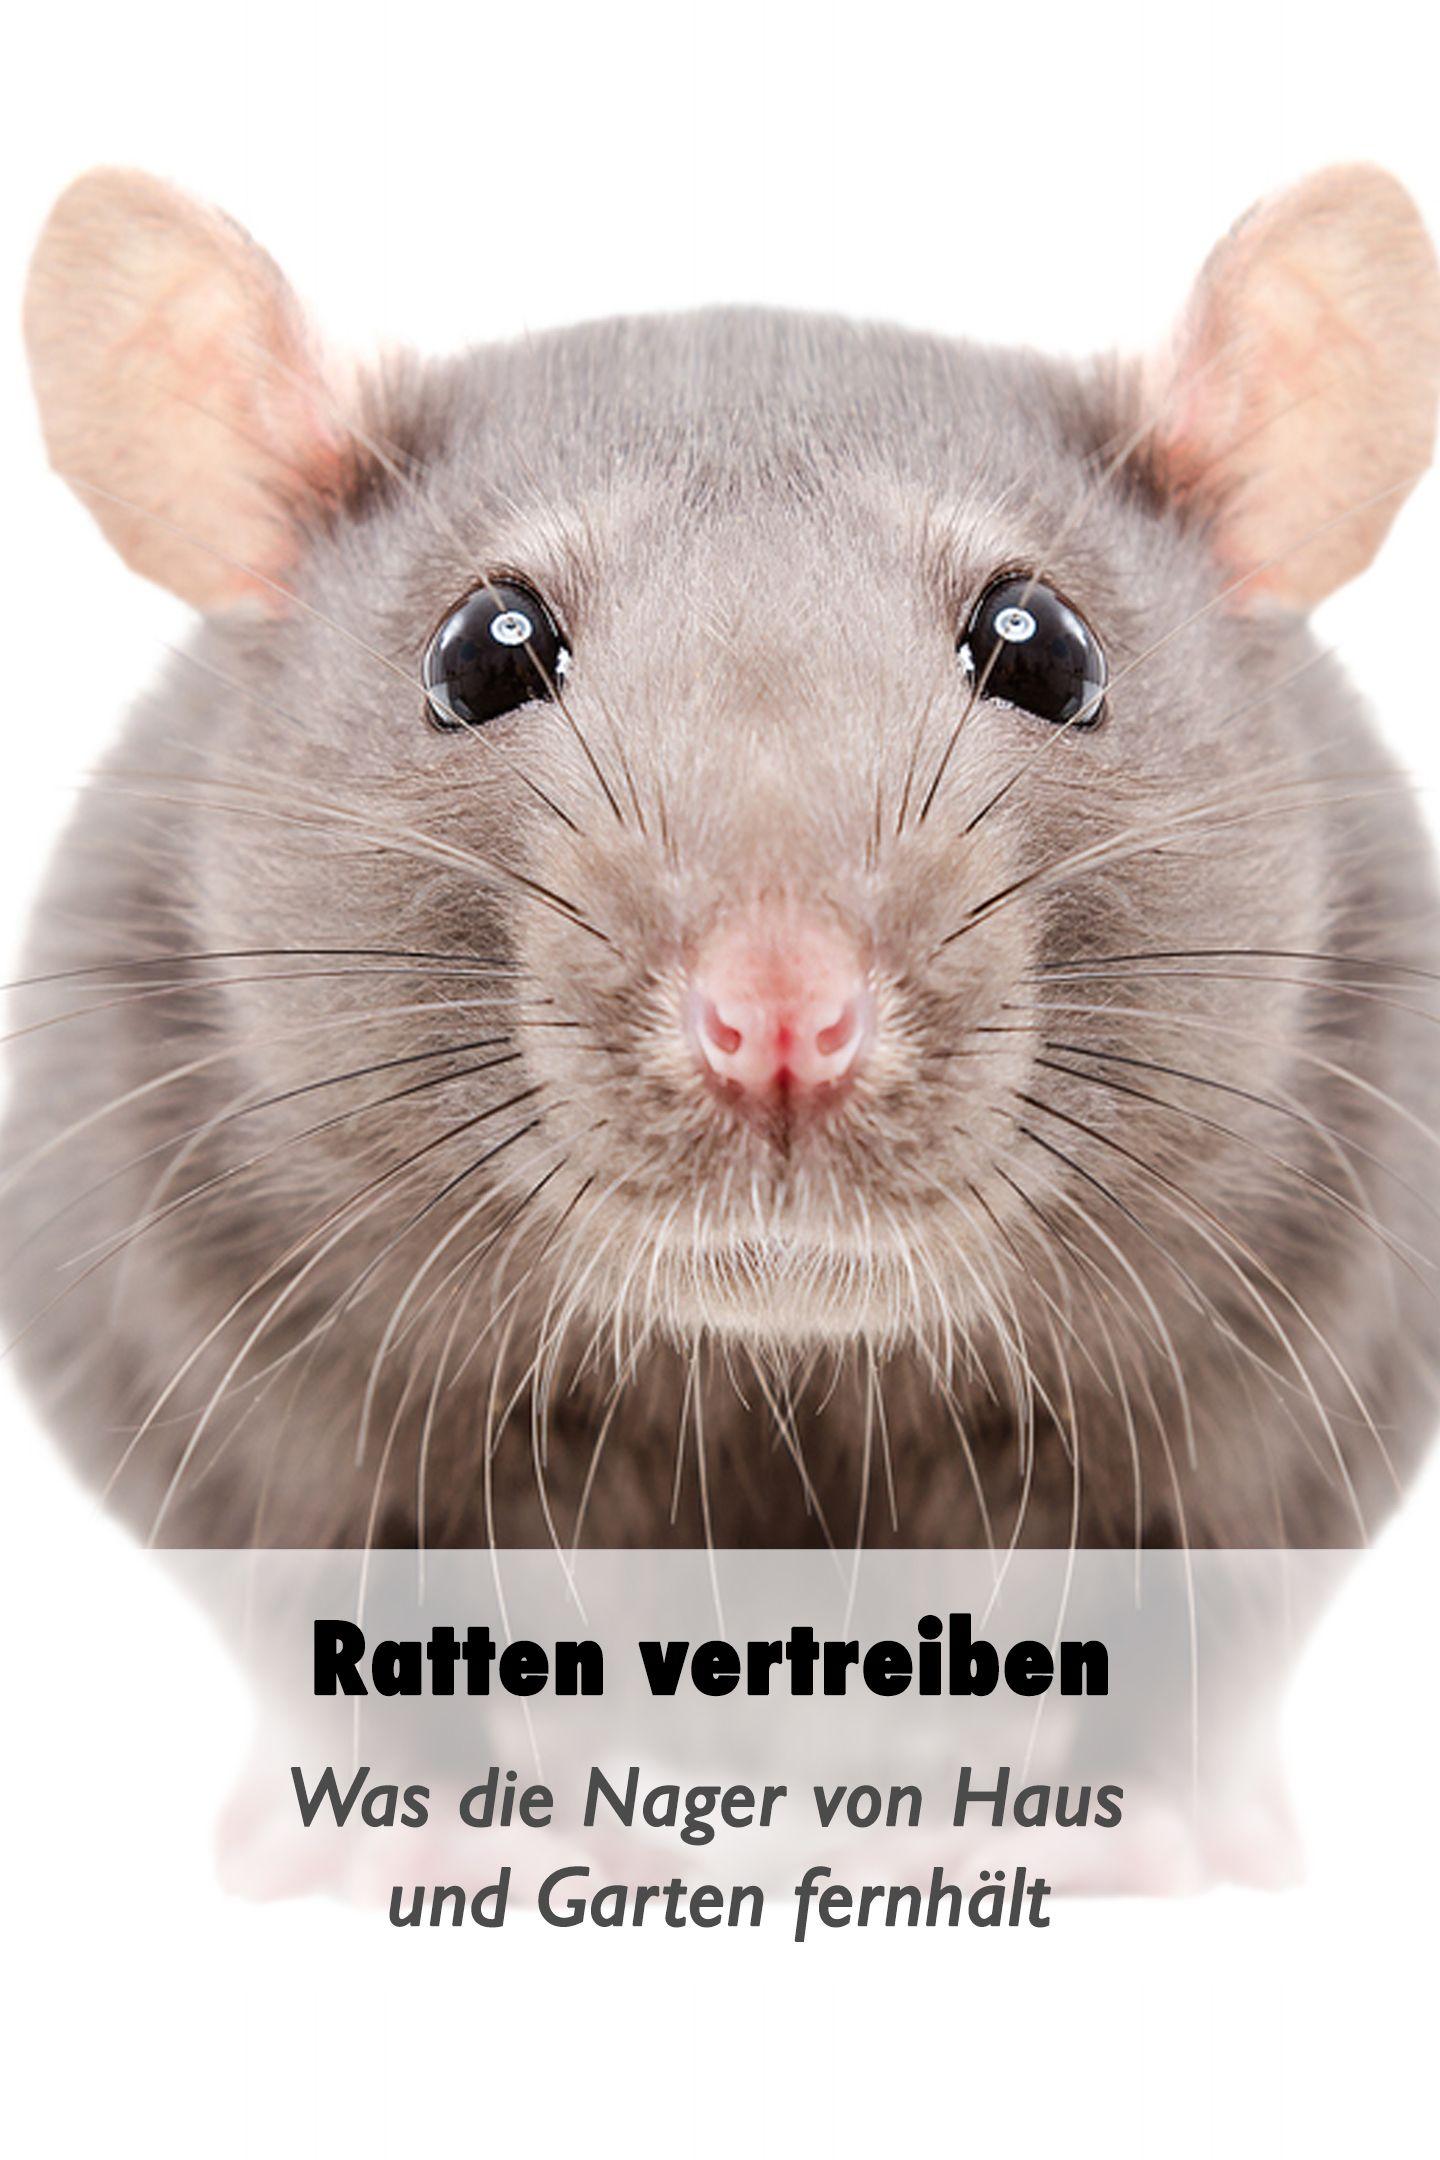 Ratten Vertreiben Was Die Nager Von Haus Und Garten Fernhalt Ratten Vertreiben Vertreiben Paletten Huhnerstall